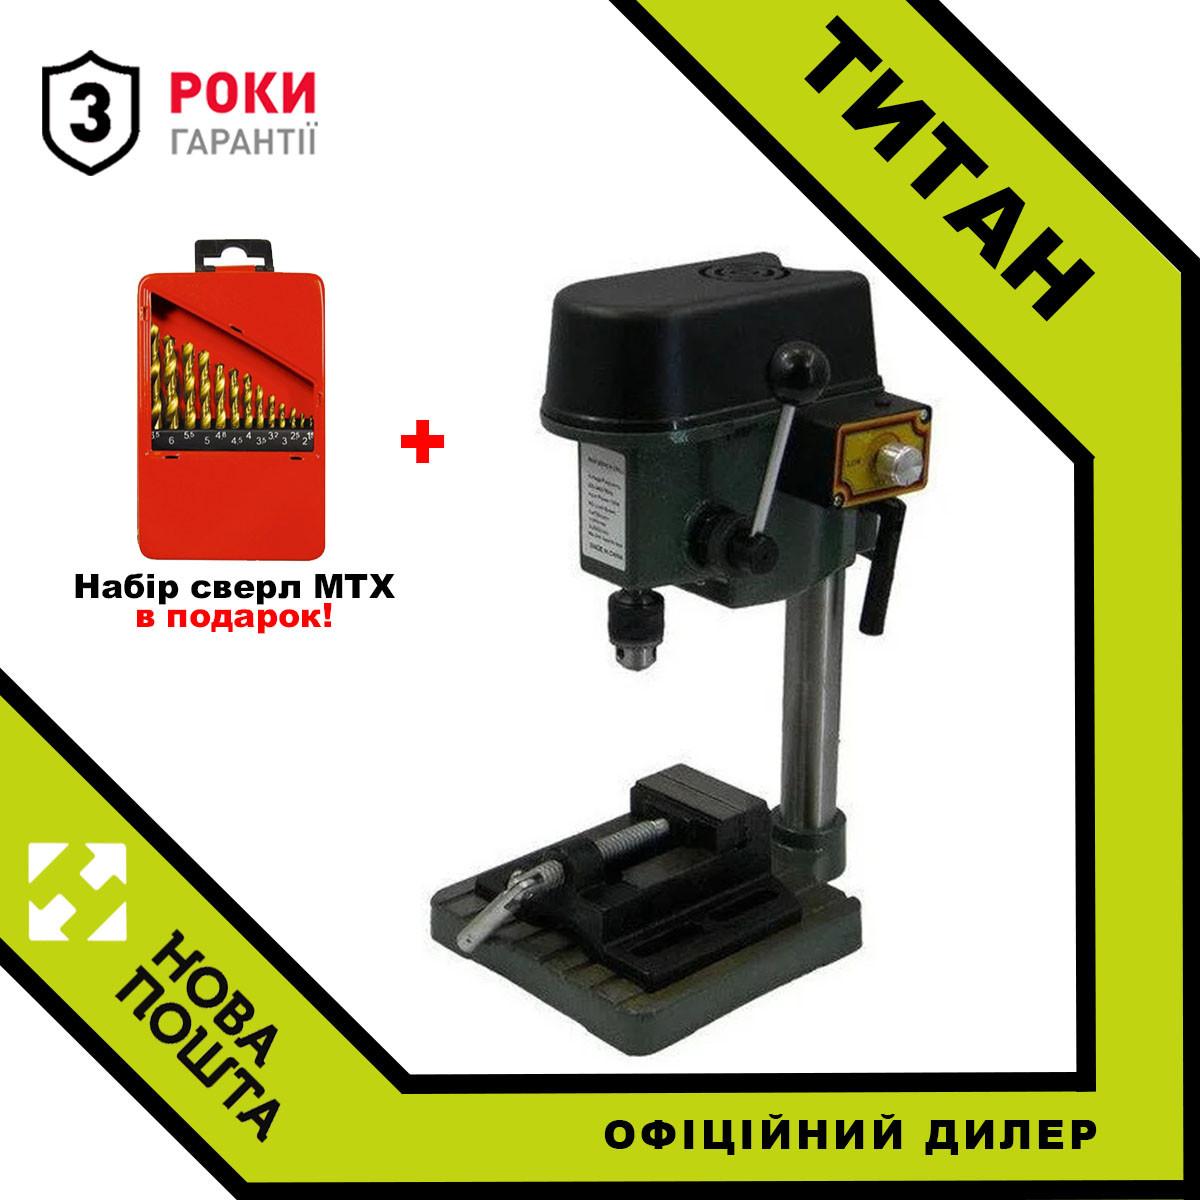 Сверлильный станок Титан ZB2506B + в подарок набір сверл MTX!